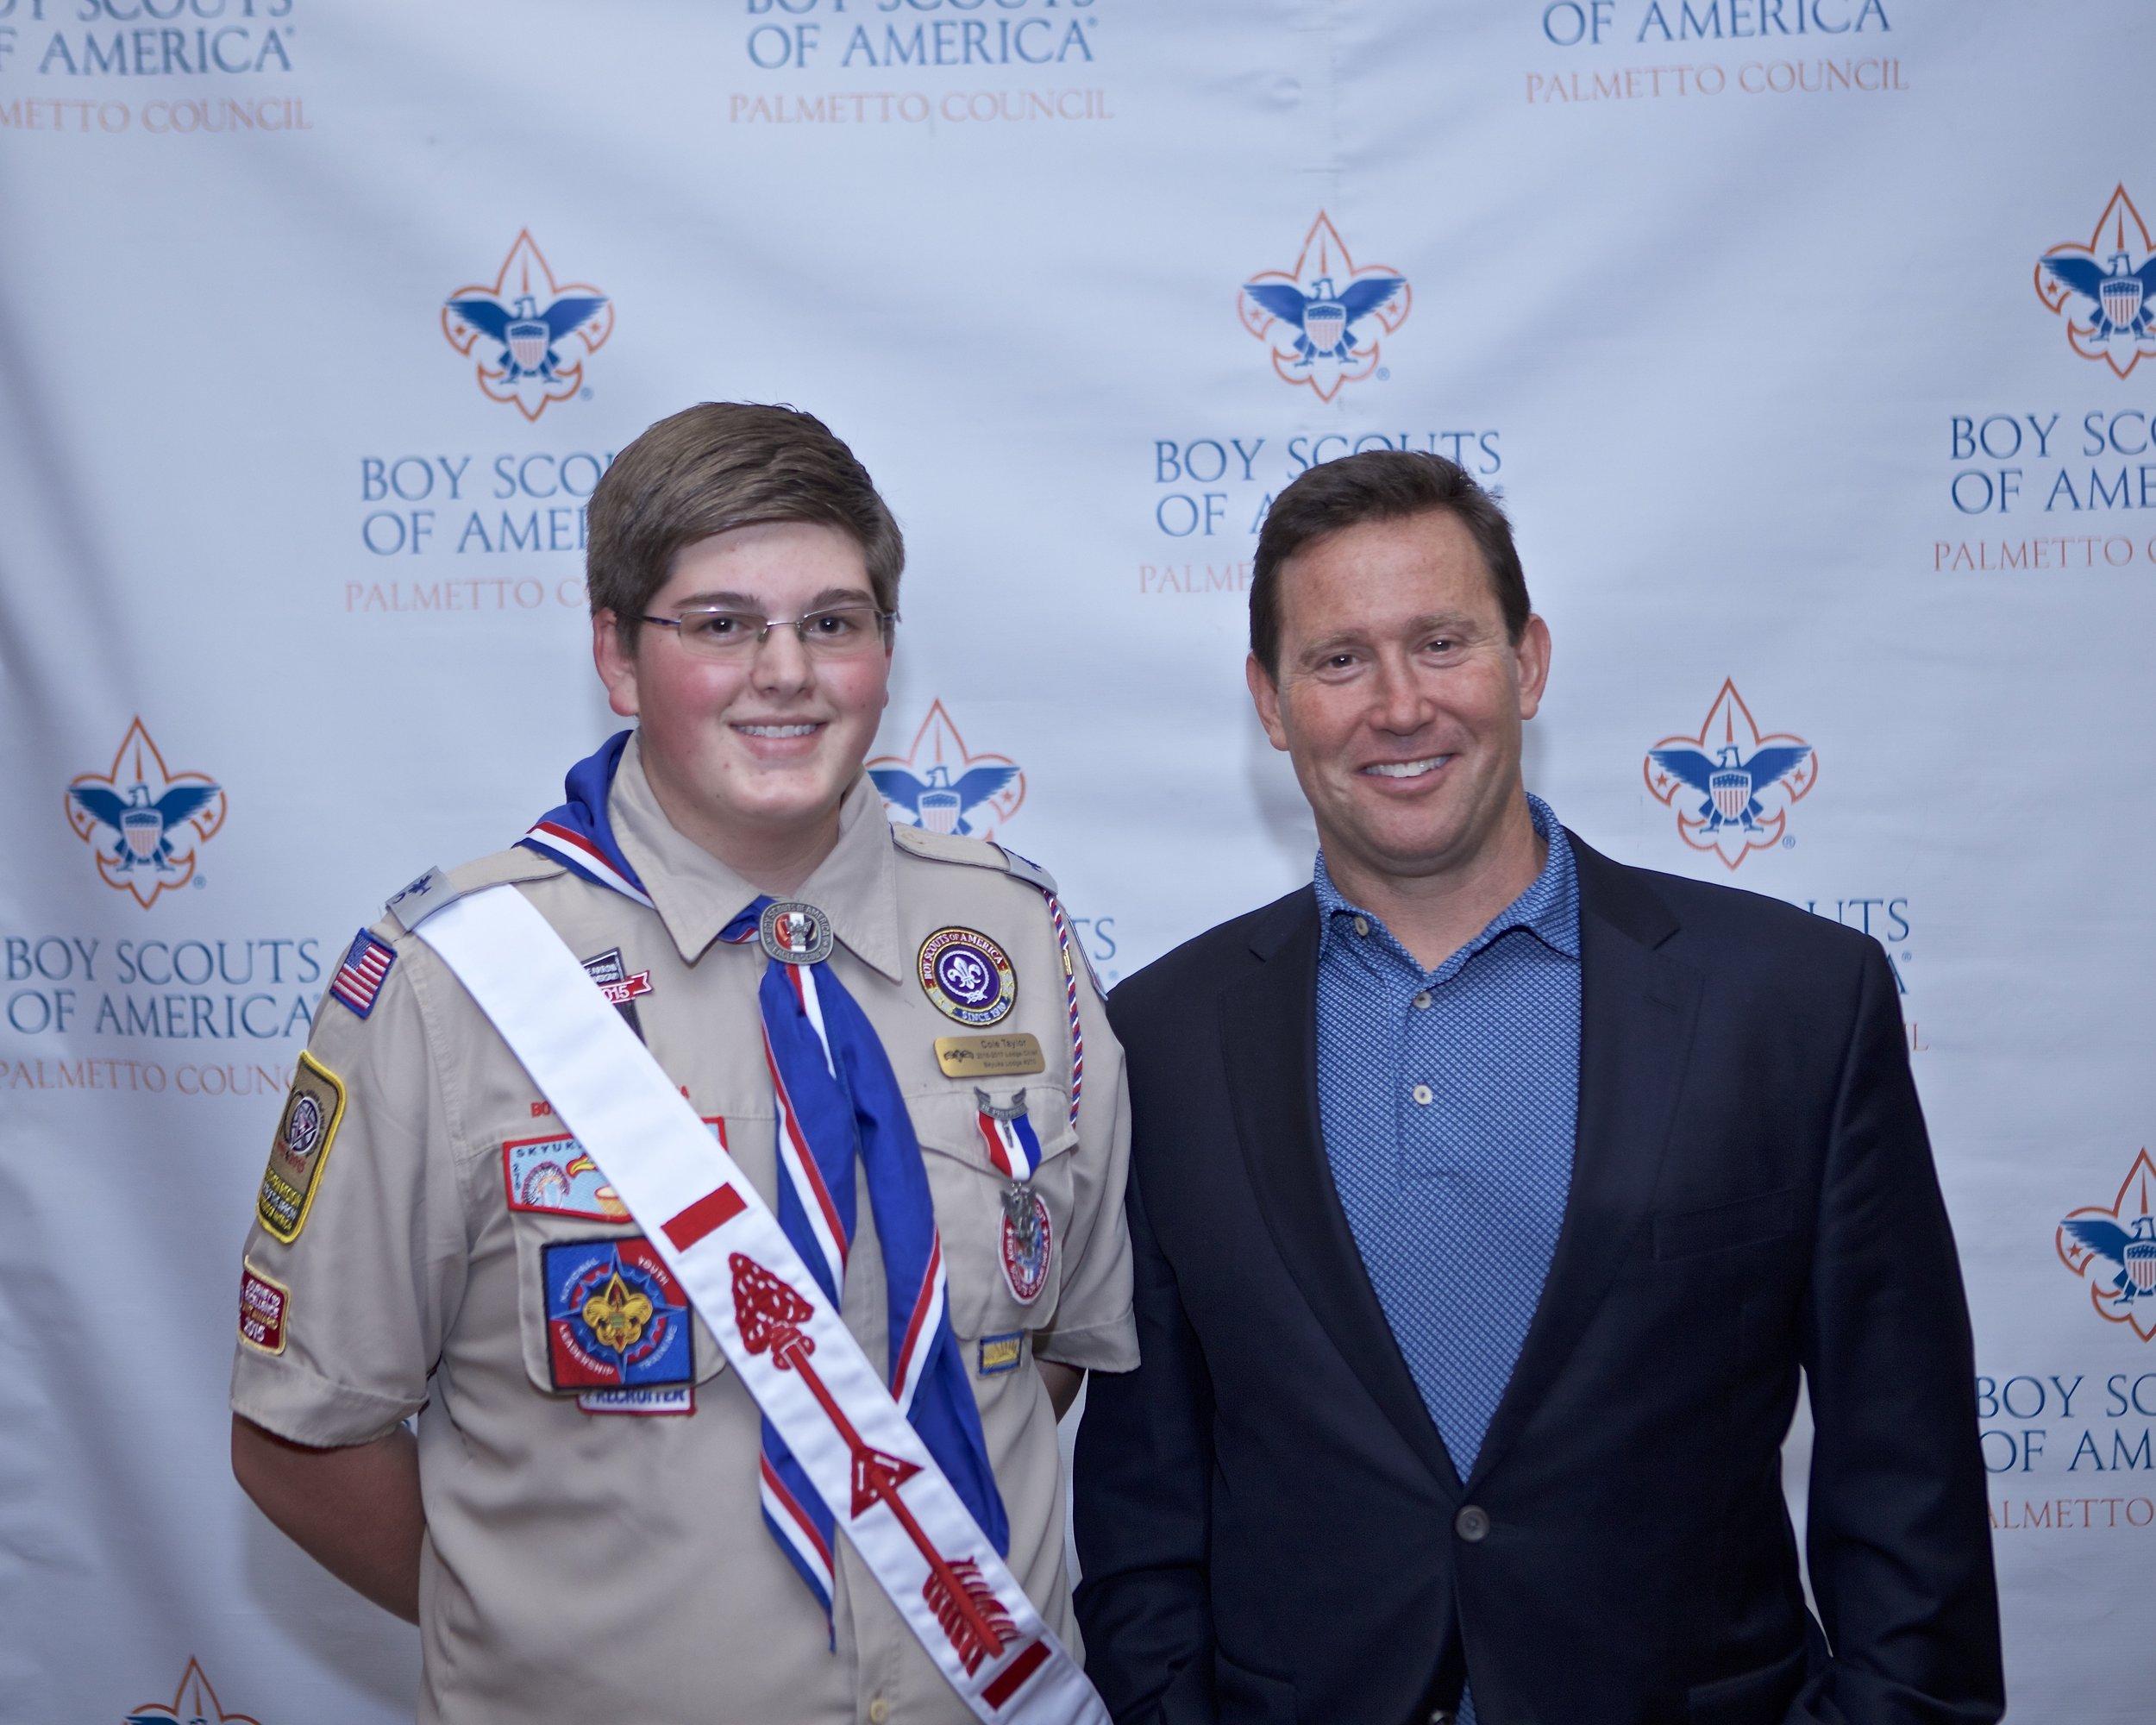 Boy Scouts_037.jpg